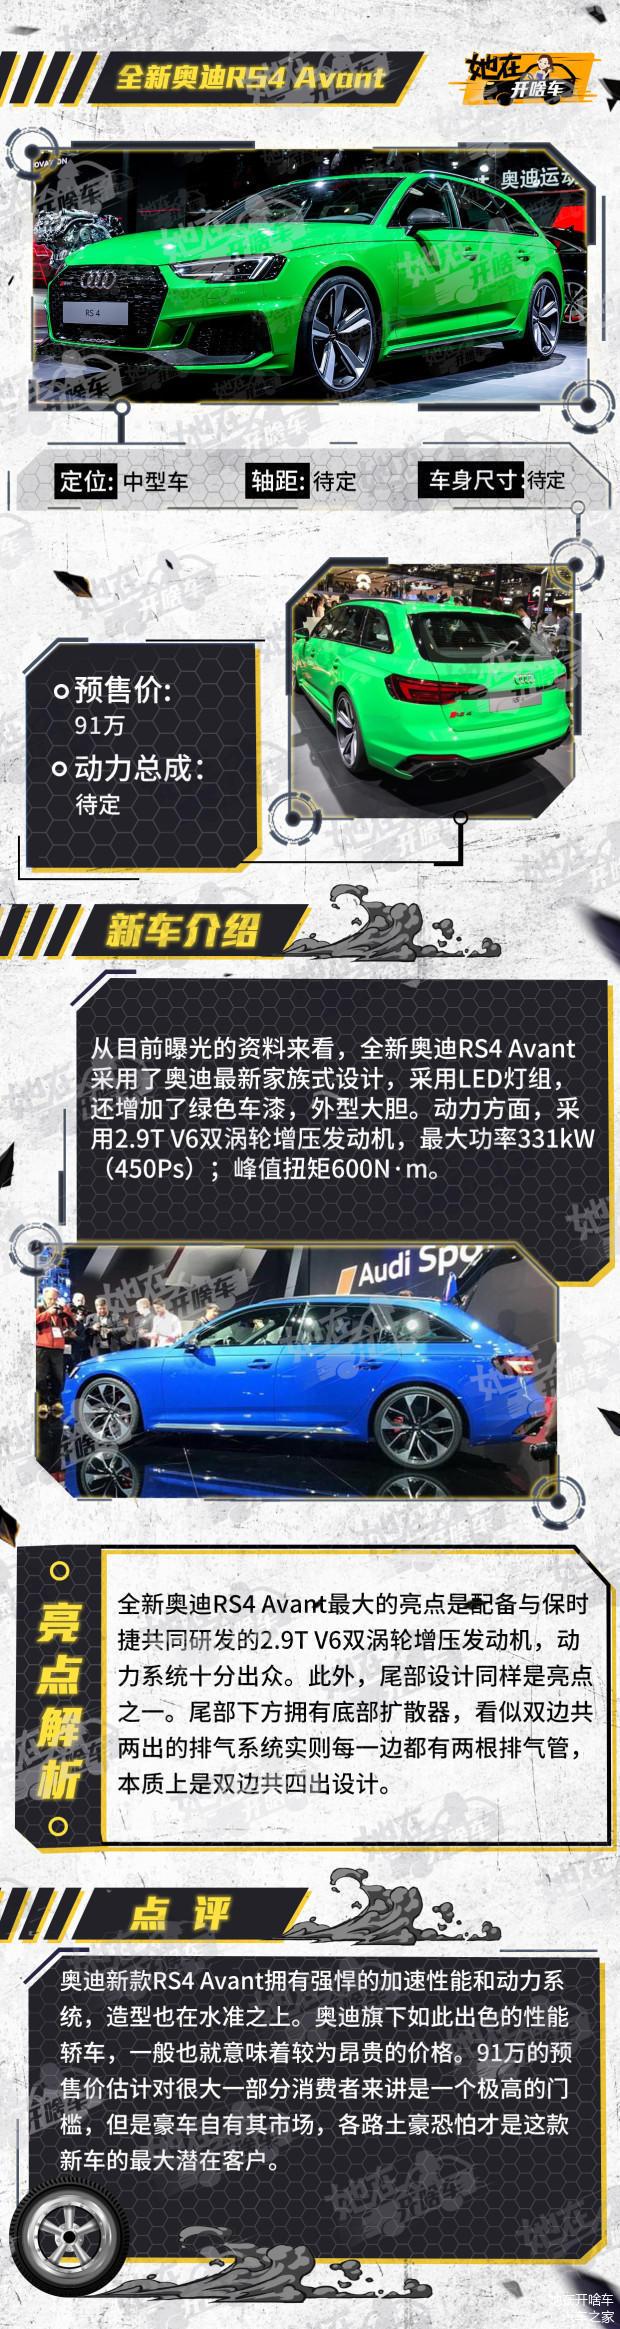 新车,北京车展,轿车,新车